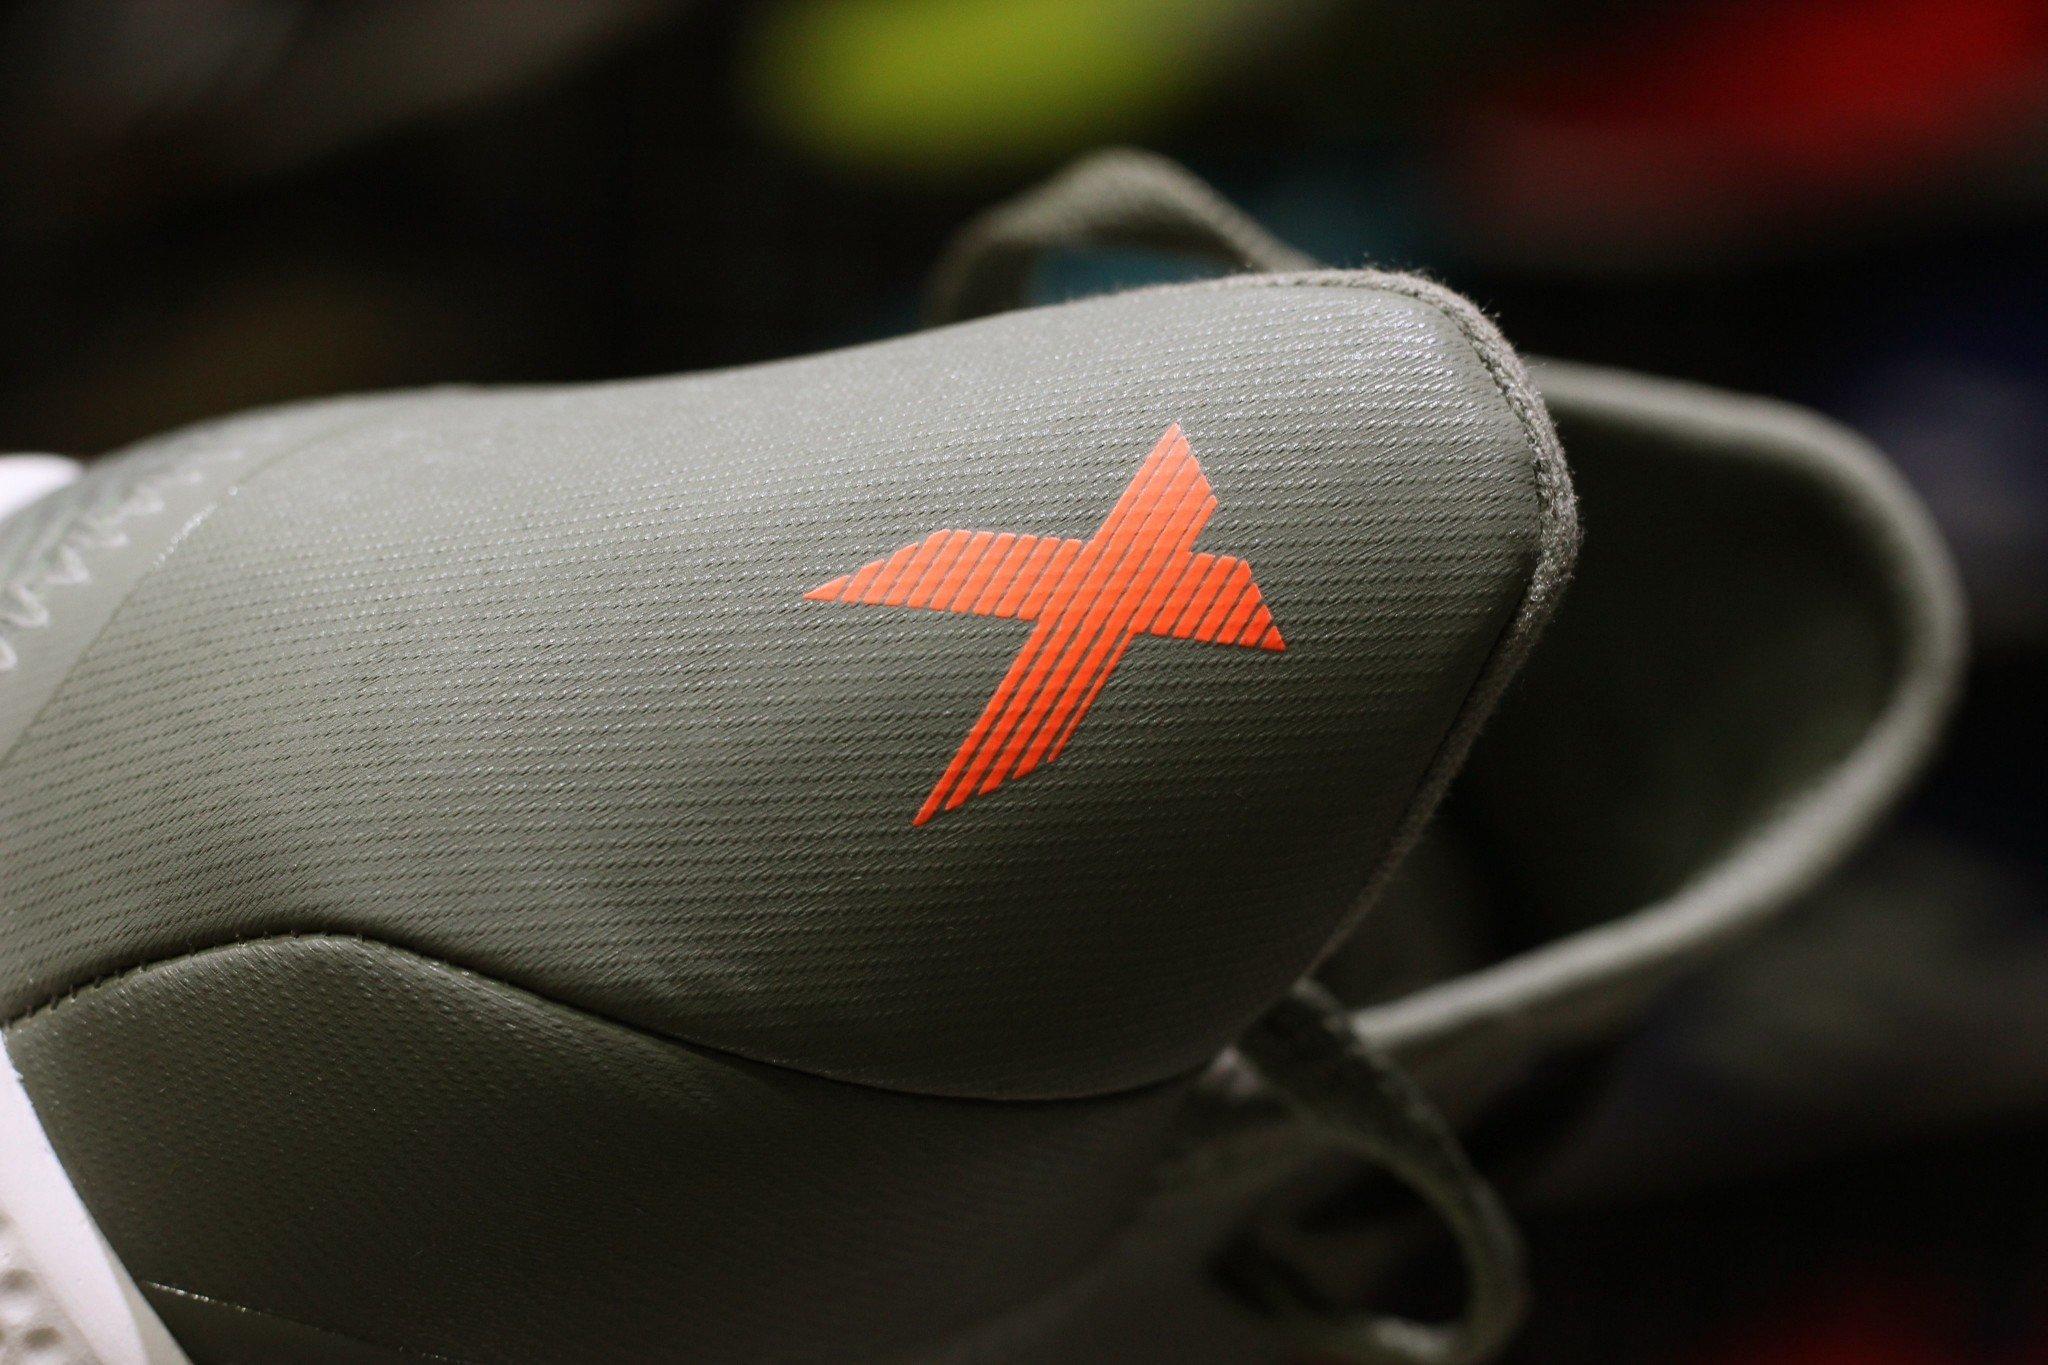 Giày đá banh chính hãng. Giày đá banh Adidas. Adidas Football. ADIDAS X TF ENCRYPTION